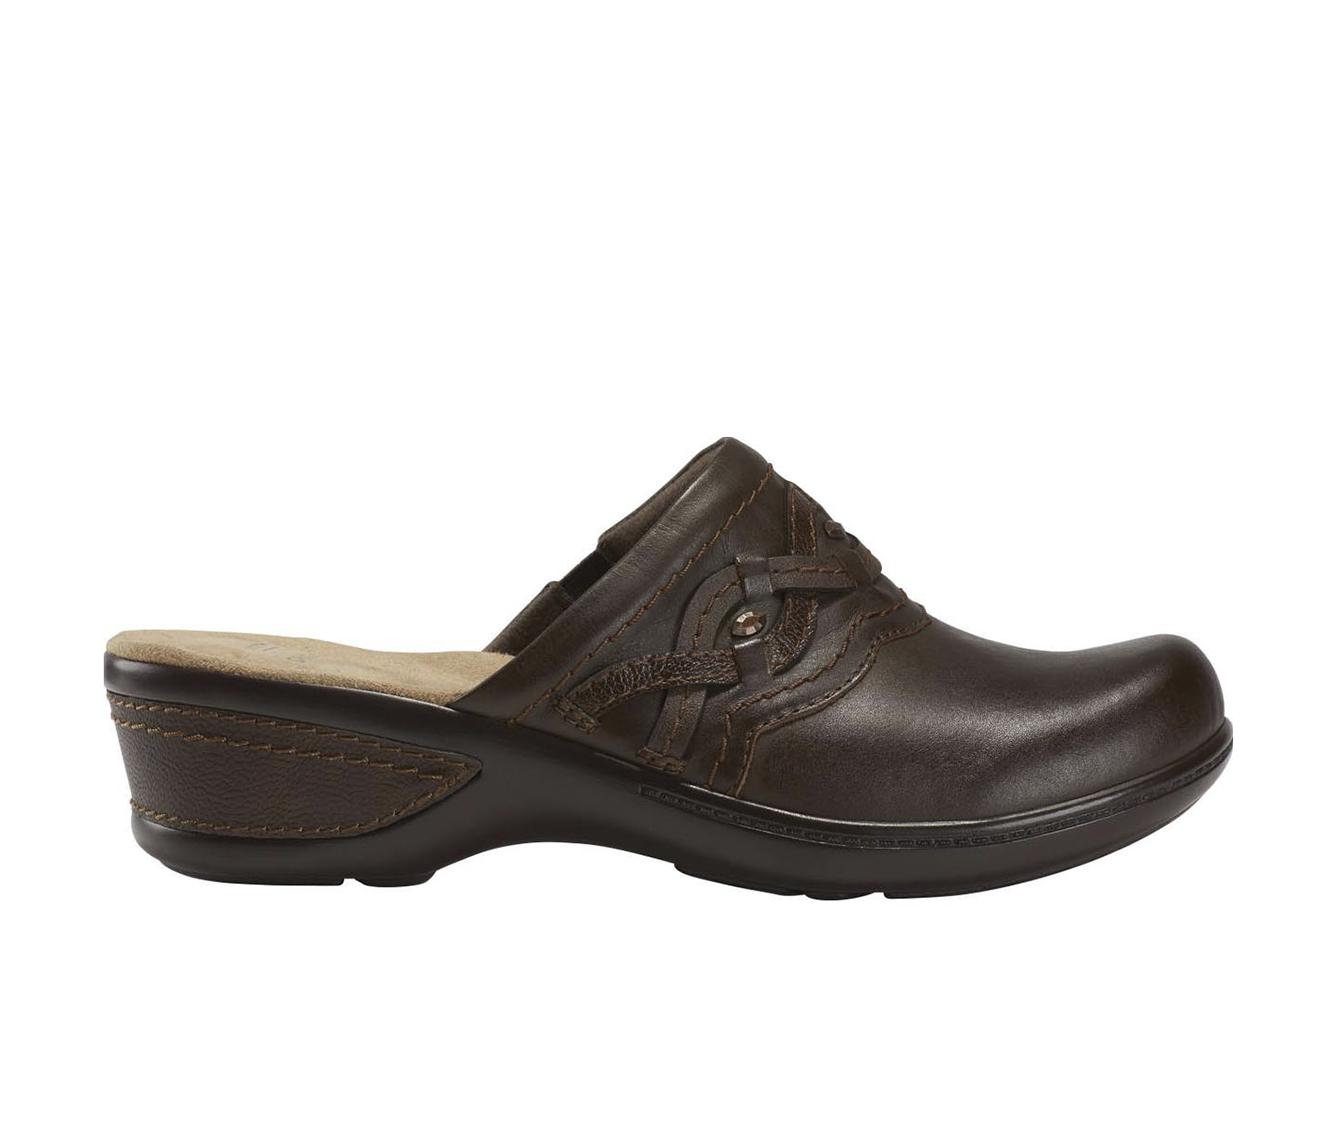 Earth Origins Jackal Janice Women's Shoe (Brown Leather)